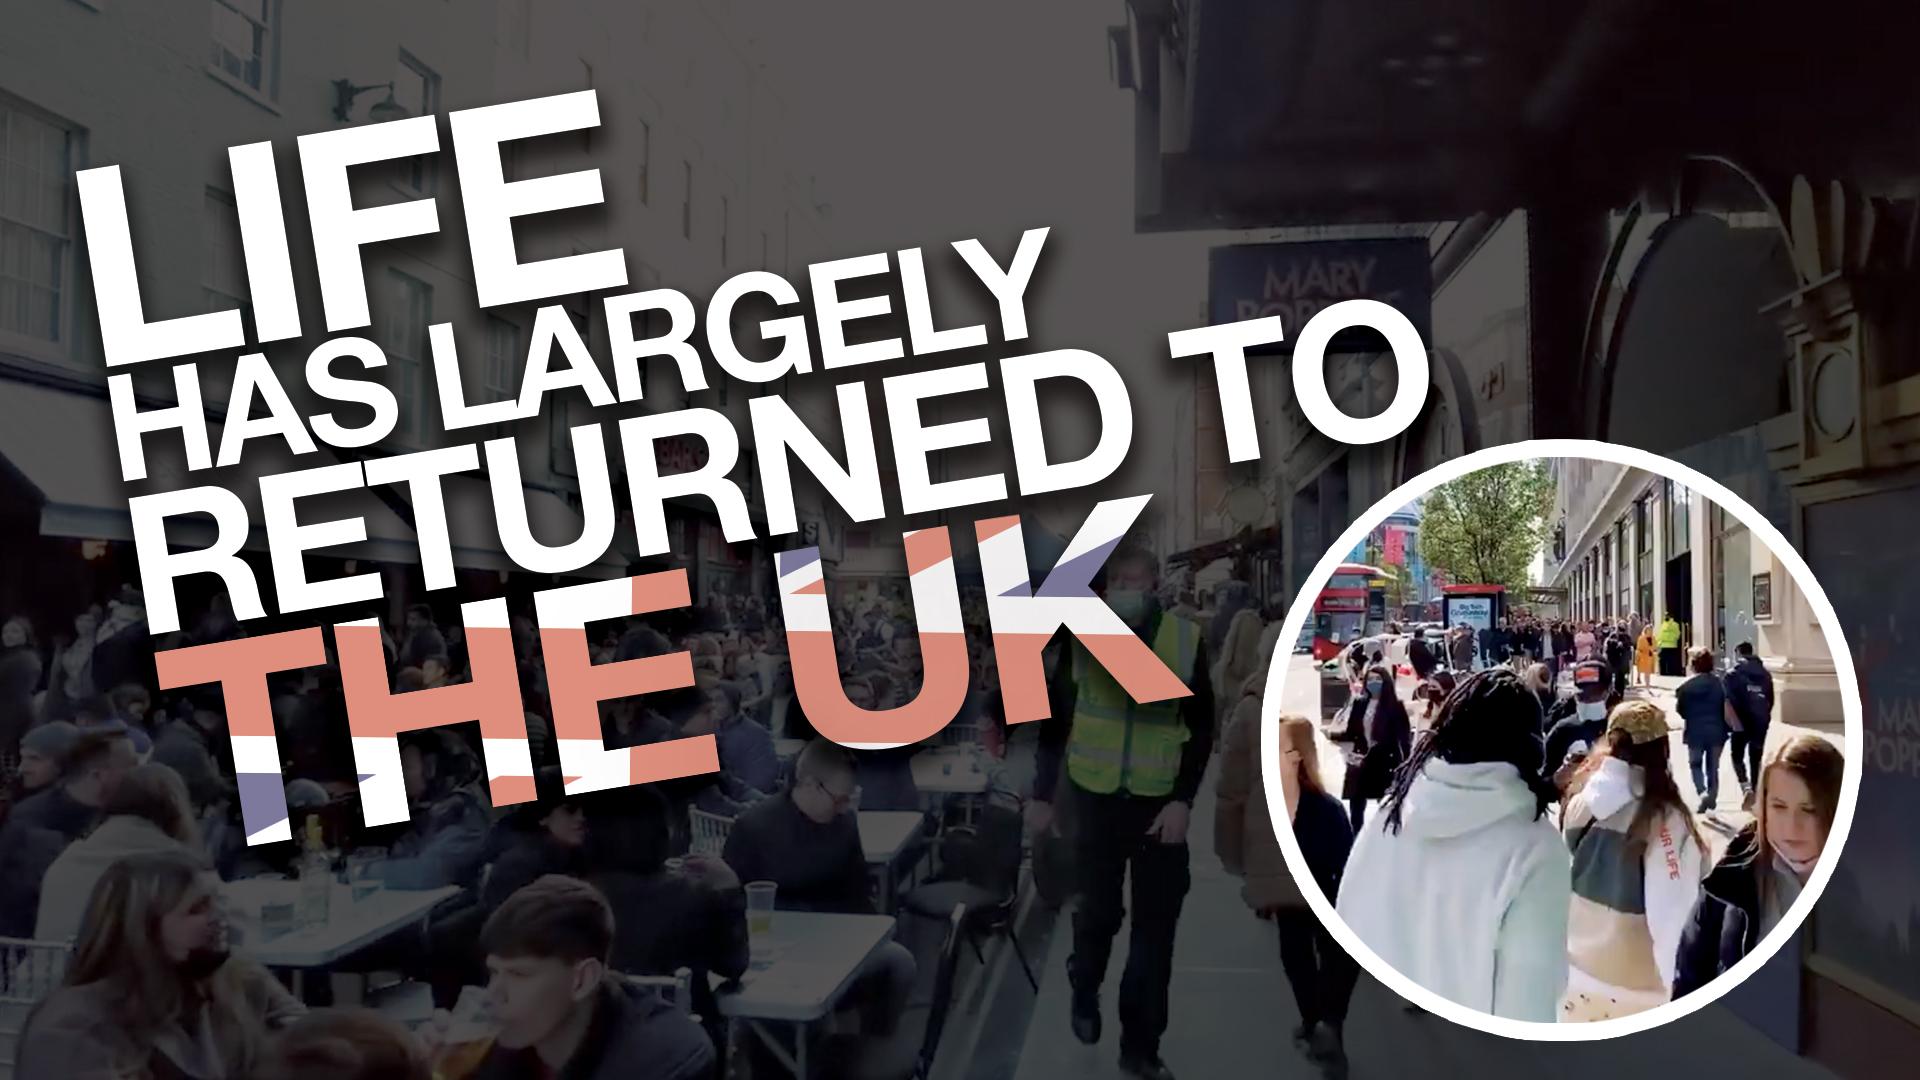 Rebel in London: Investigating the UK lockdown